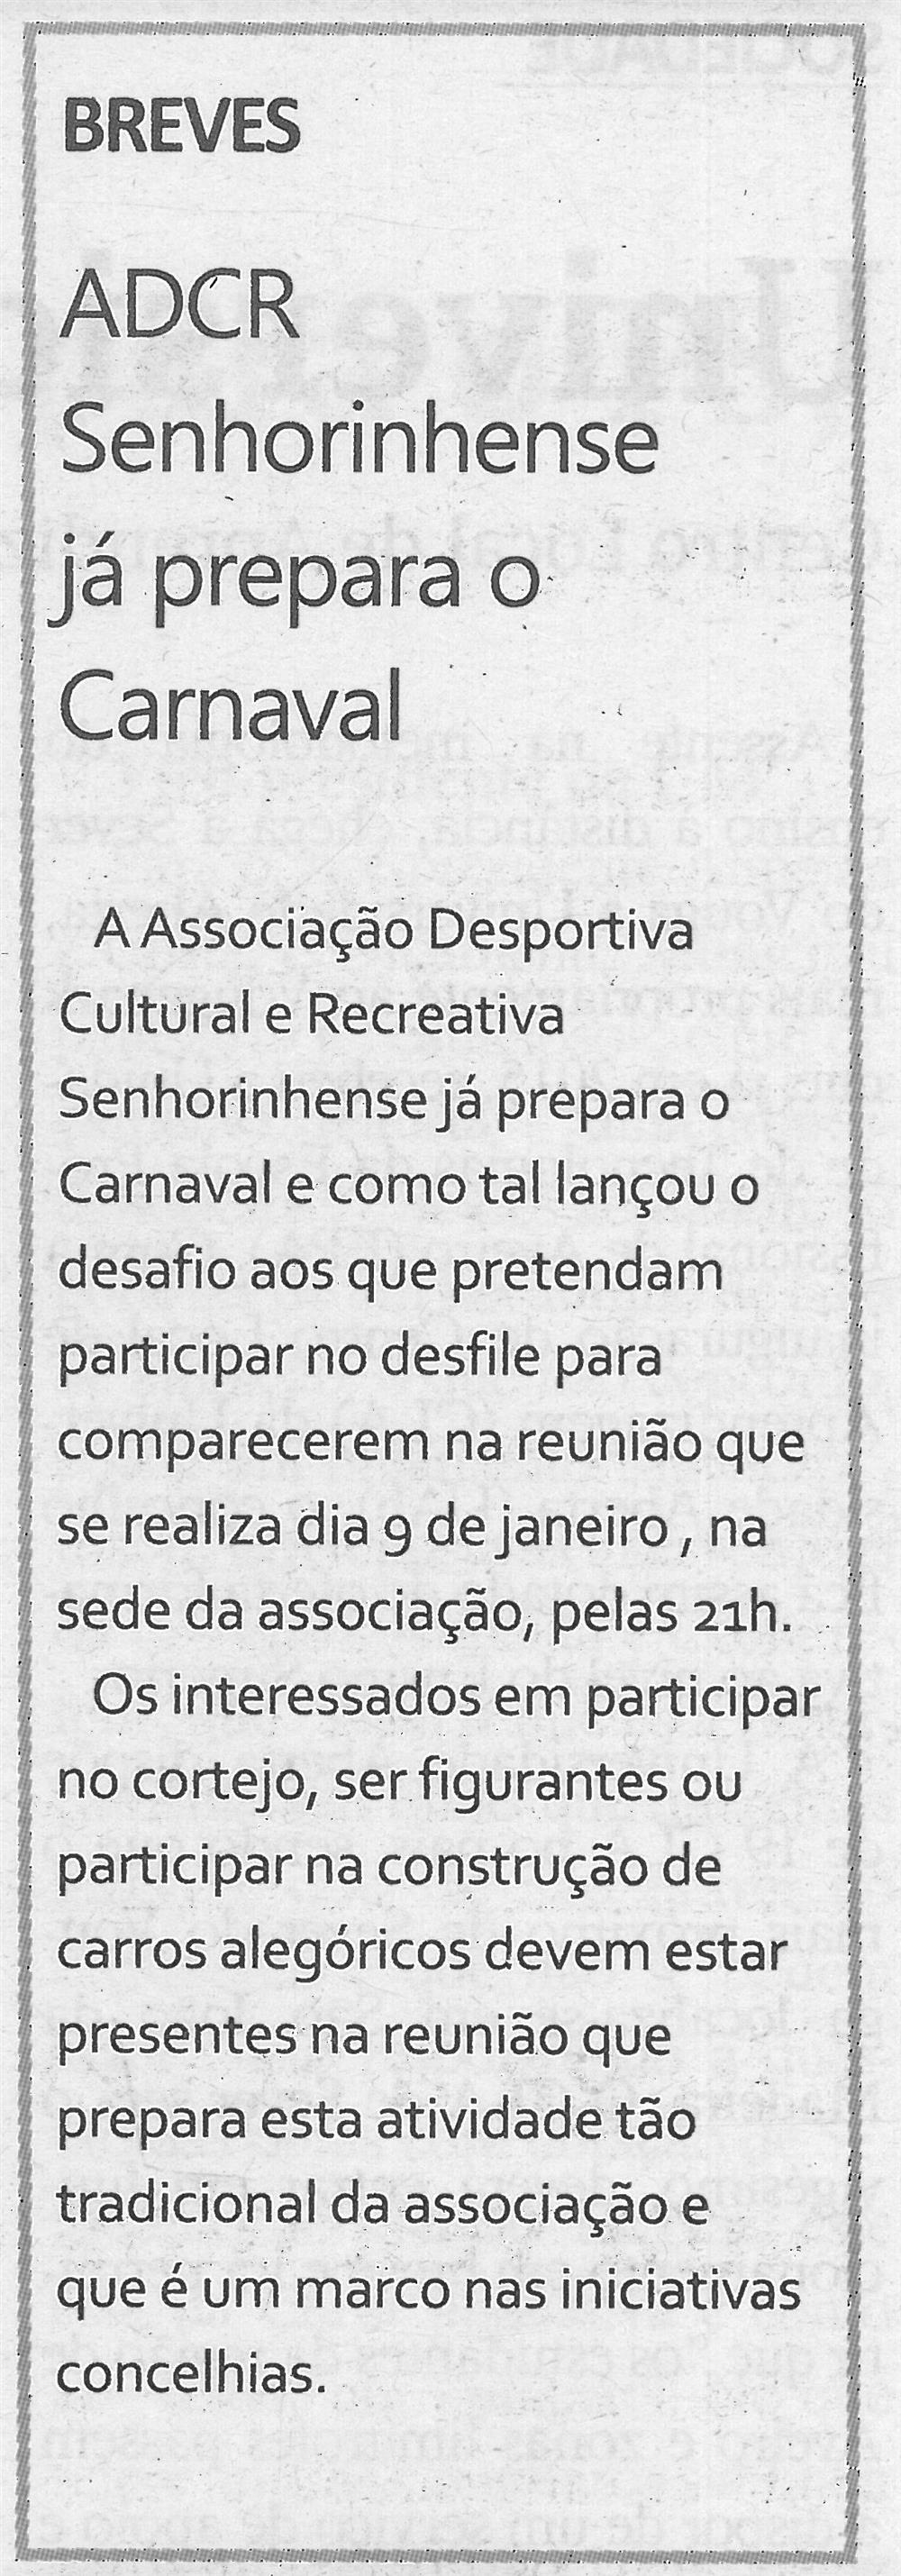 ADCR Senhorinhense já prepara o Carnaval-TV-jan.'19-p.5.jpg